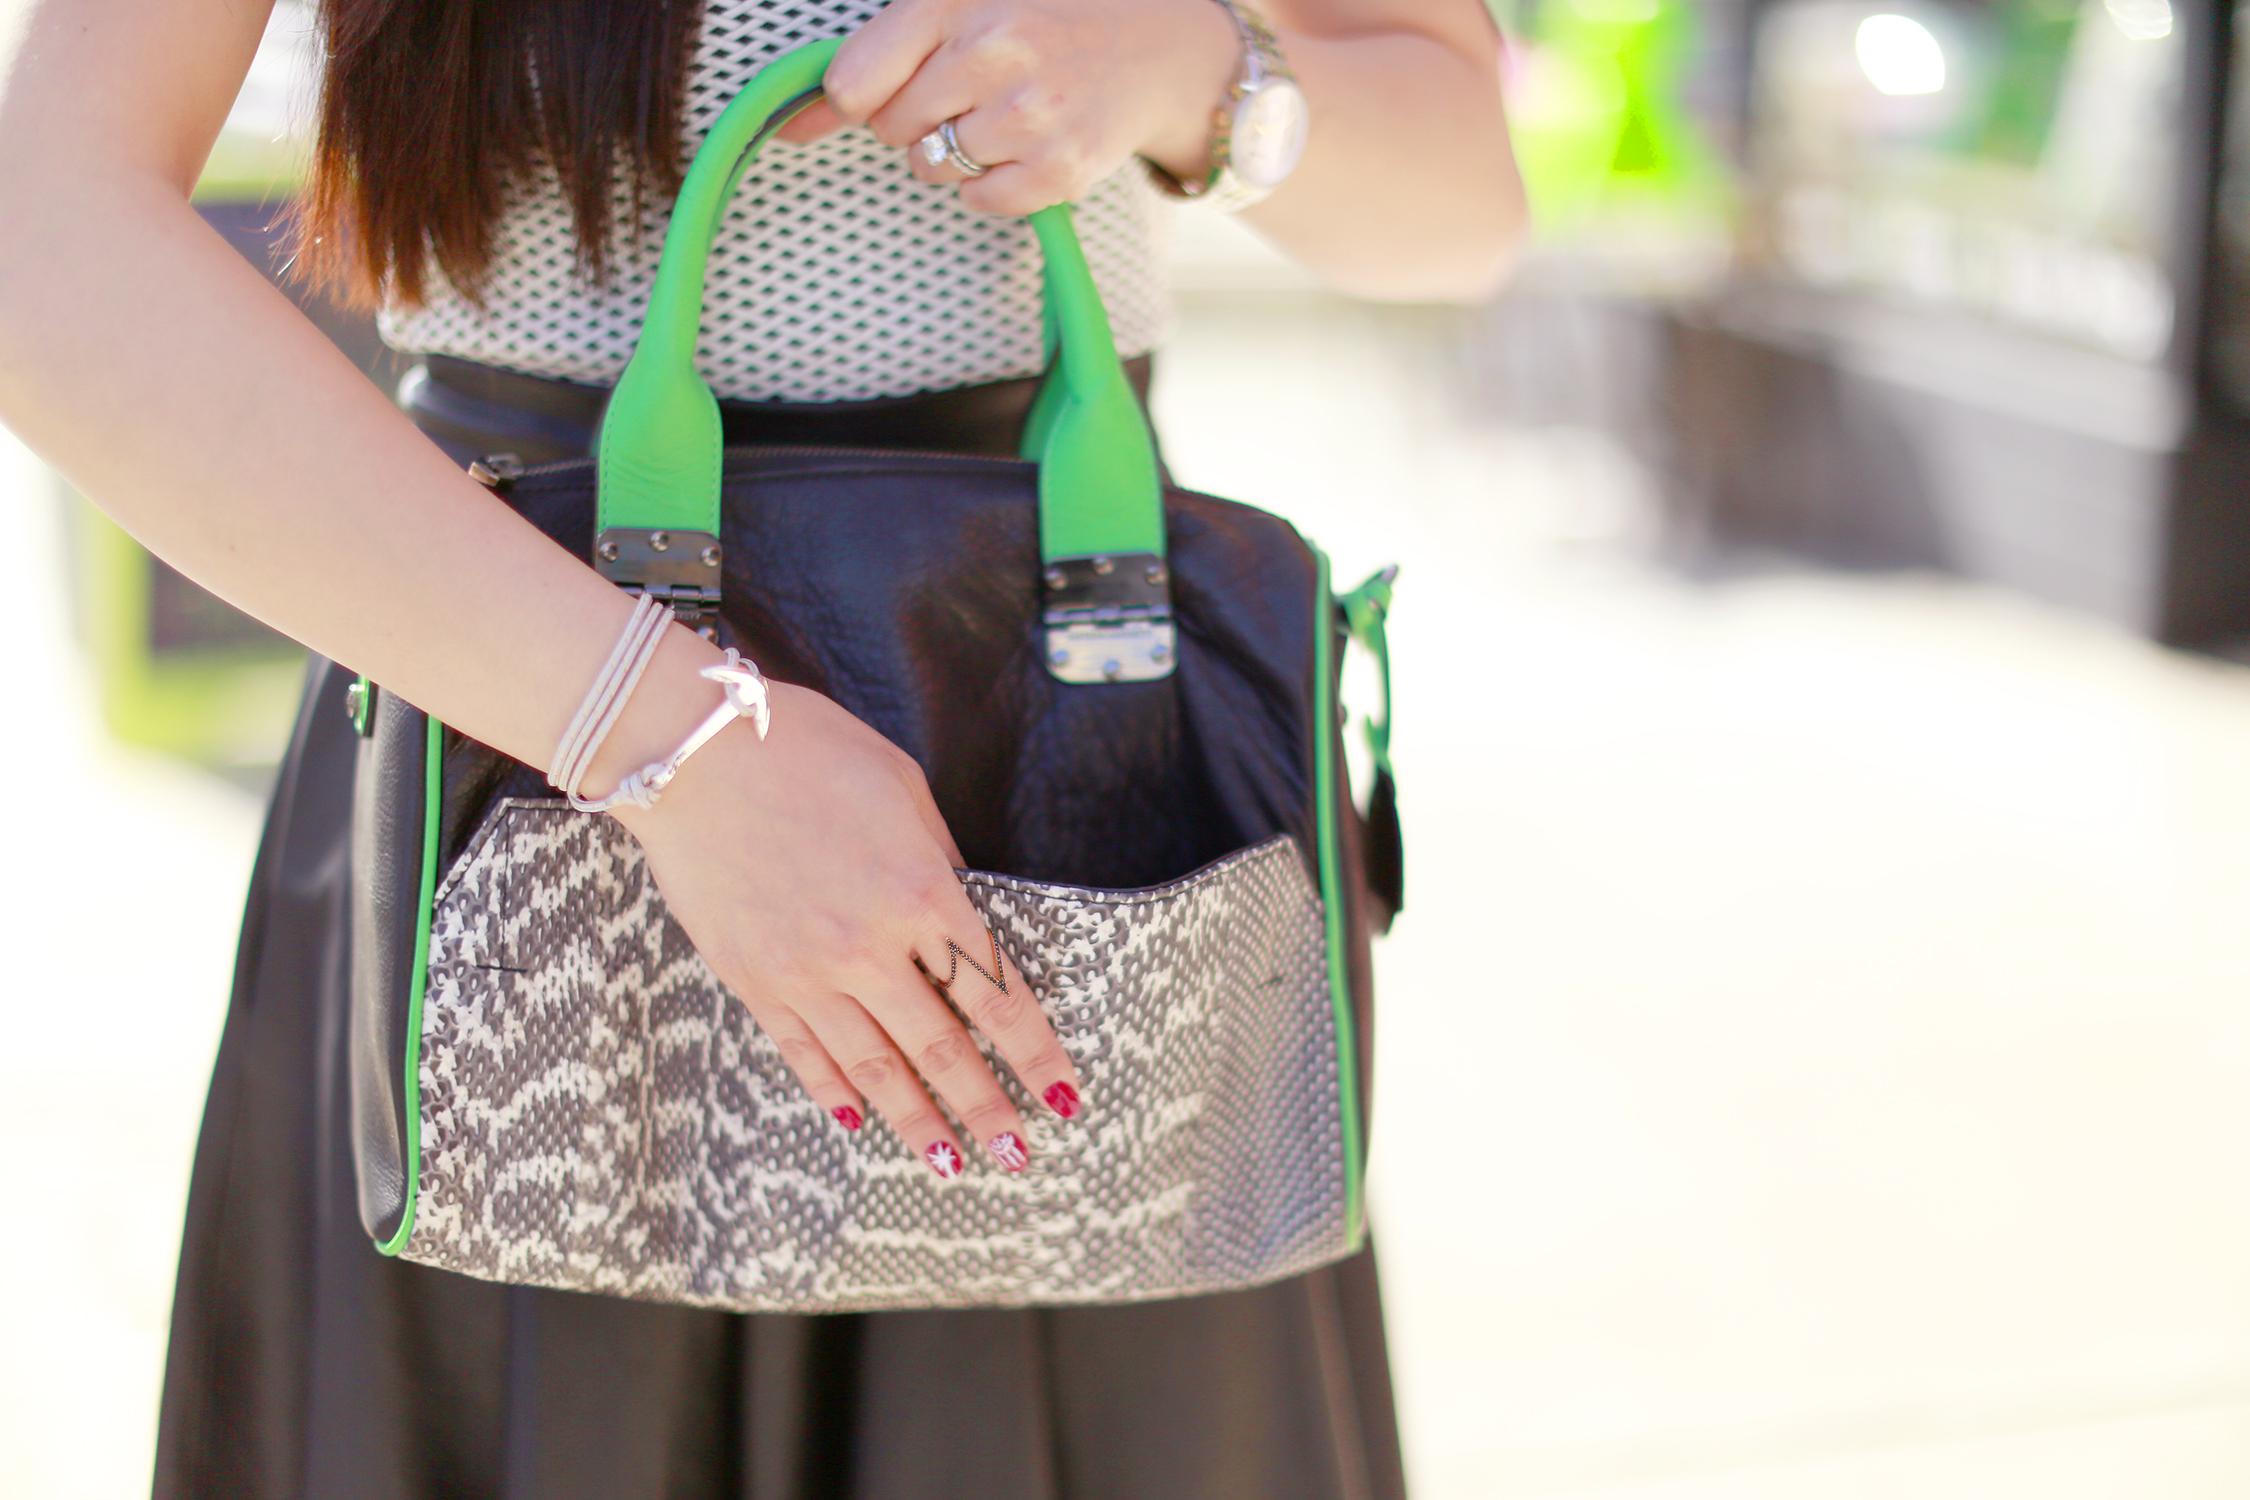 メンズファッション|アクセサリーを探す。 バイマは誰もが『パーソナルショッパー』になることで誕生した史上初の『お買い物代行コミュニティ』です。.